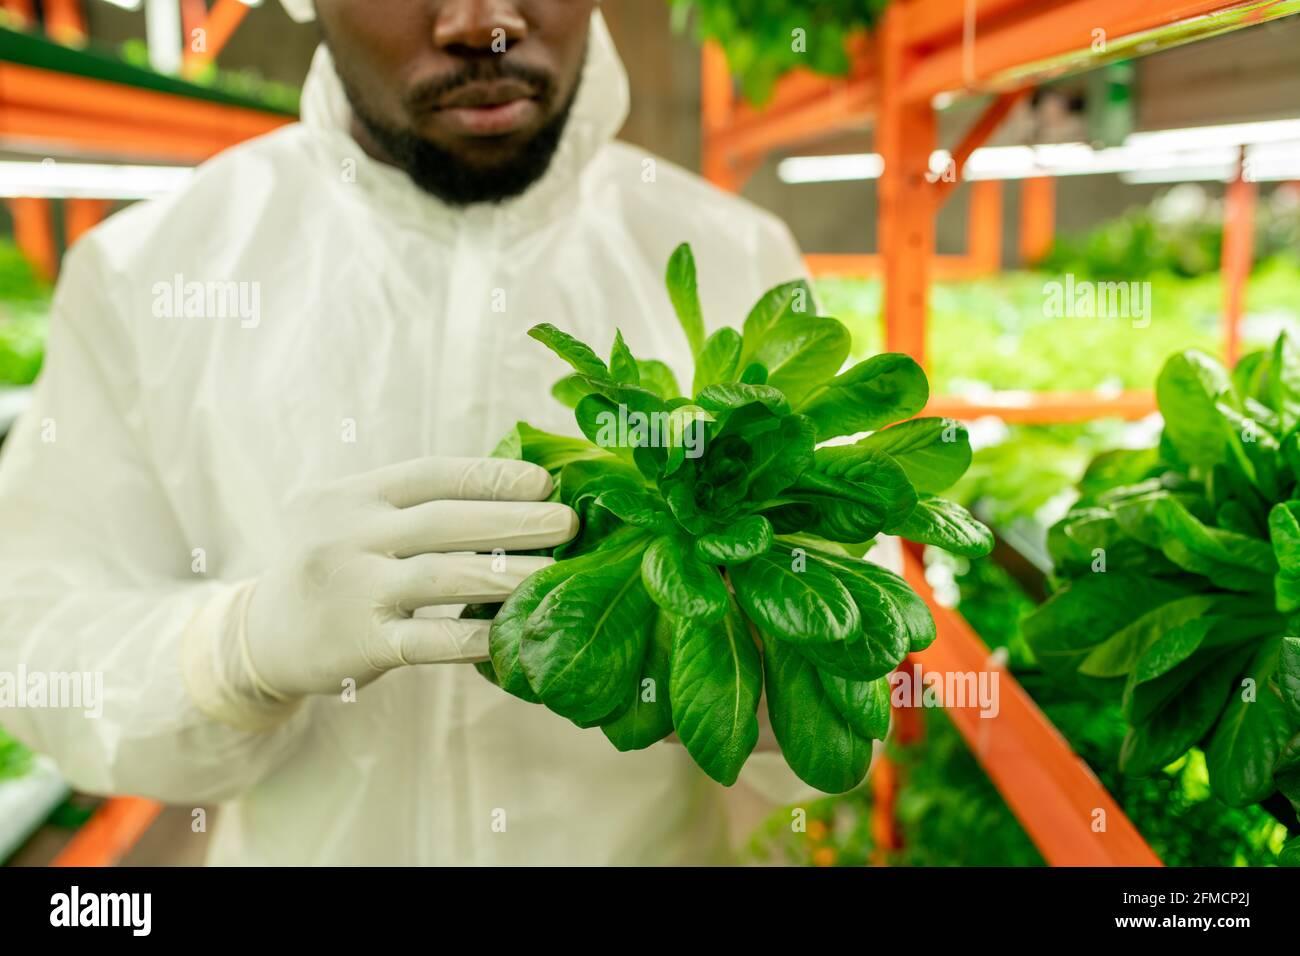 Gros plan d'un ingénieur agricole noir en gants tenant des feuilles de laitue et l'inspection de la plante à la serre Banque D'Images